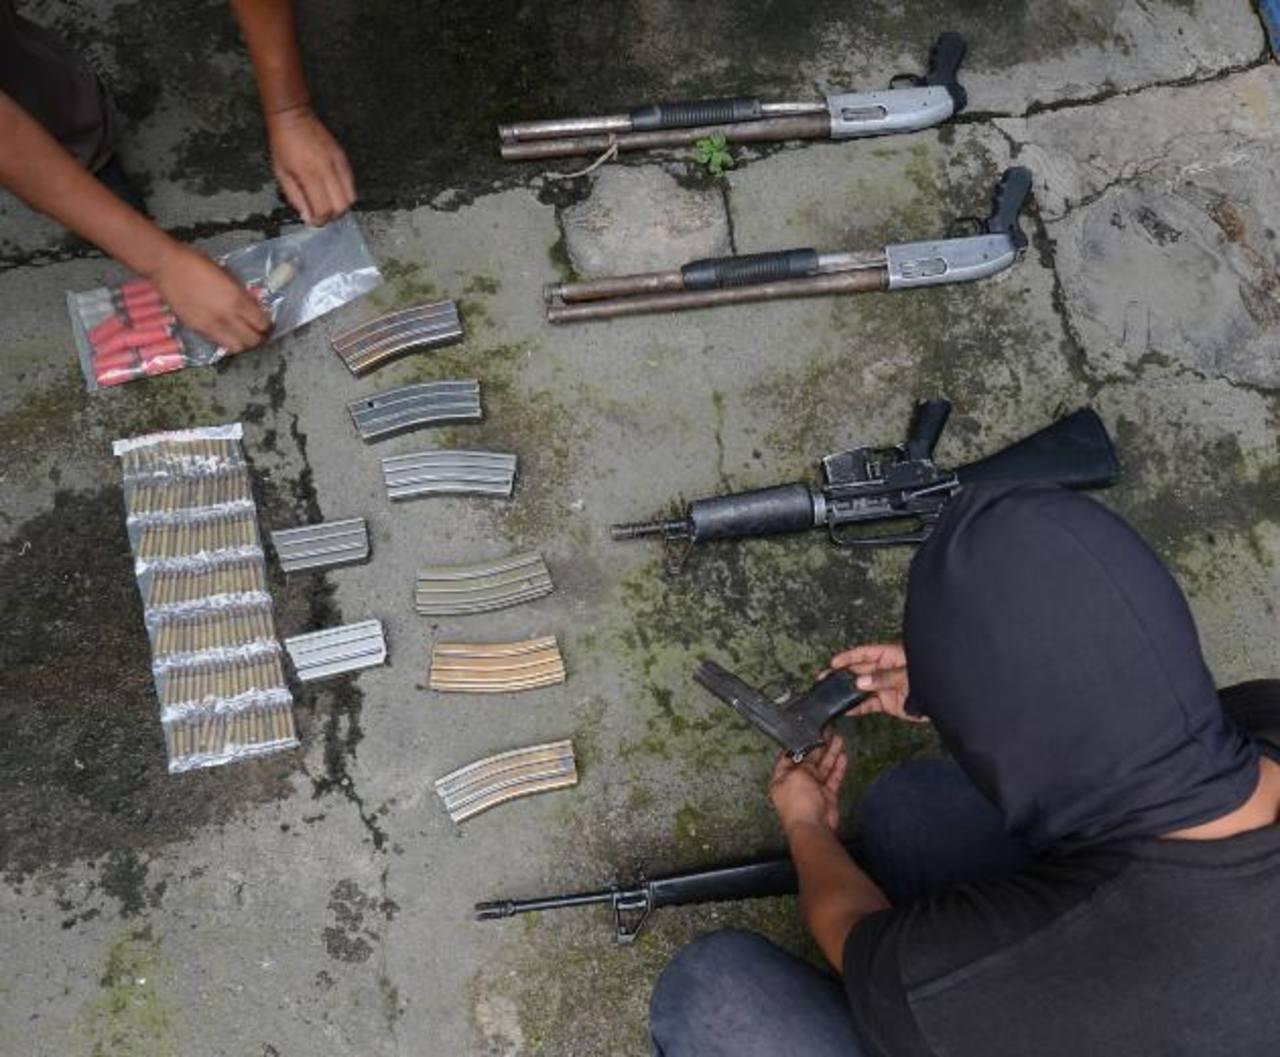 Dos fusiles M-16, dos escopetas y una pistola decomisados ayer en una zona rural de Quezaltepeque. Por este hecho capturaron a un pandillero de la 18. Foto EDH / DOUGLAS URQUILLA